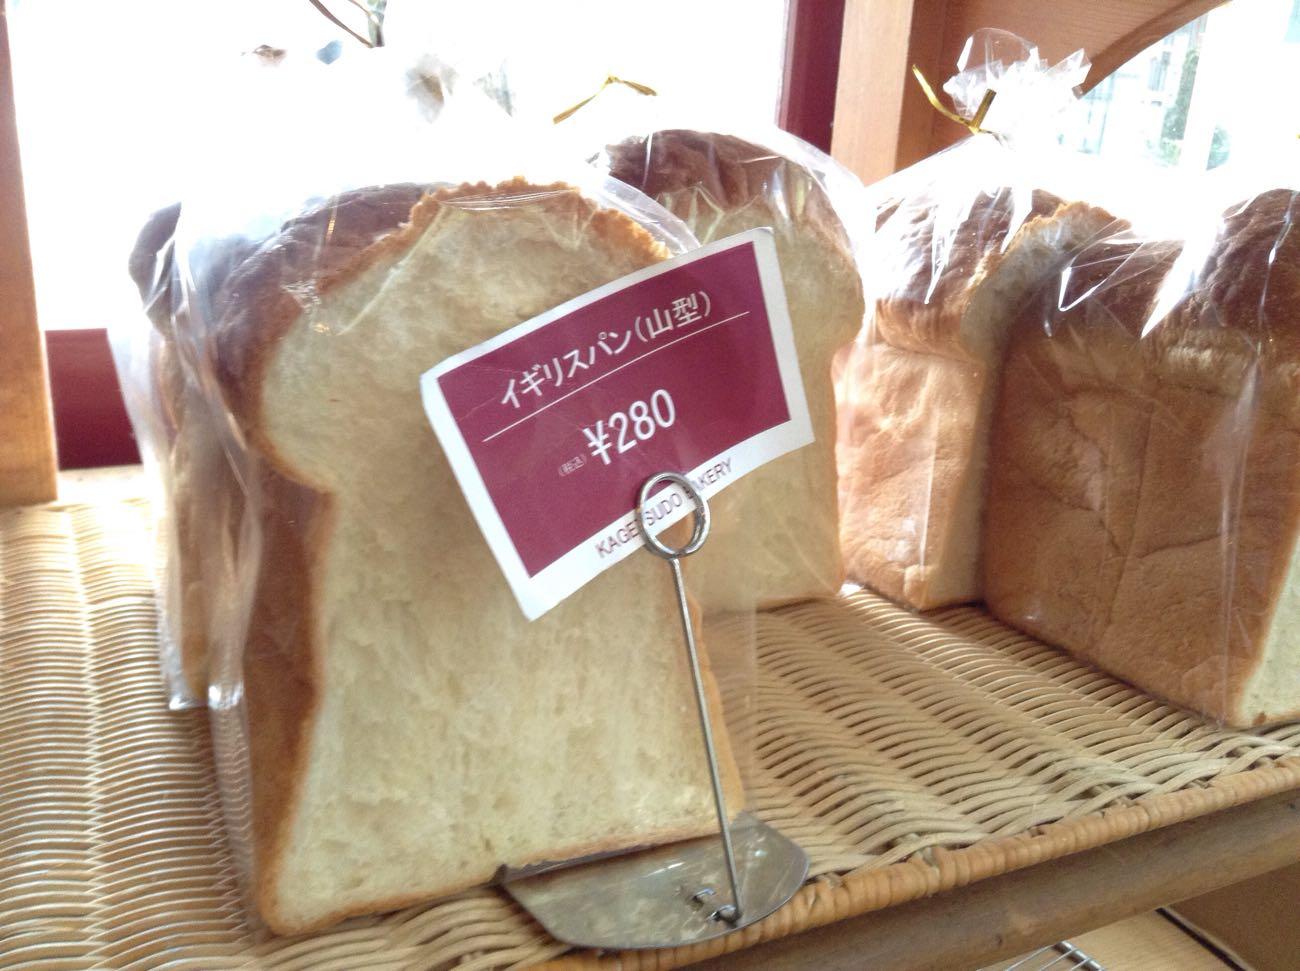 食パン(イギリスパン)